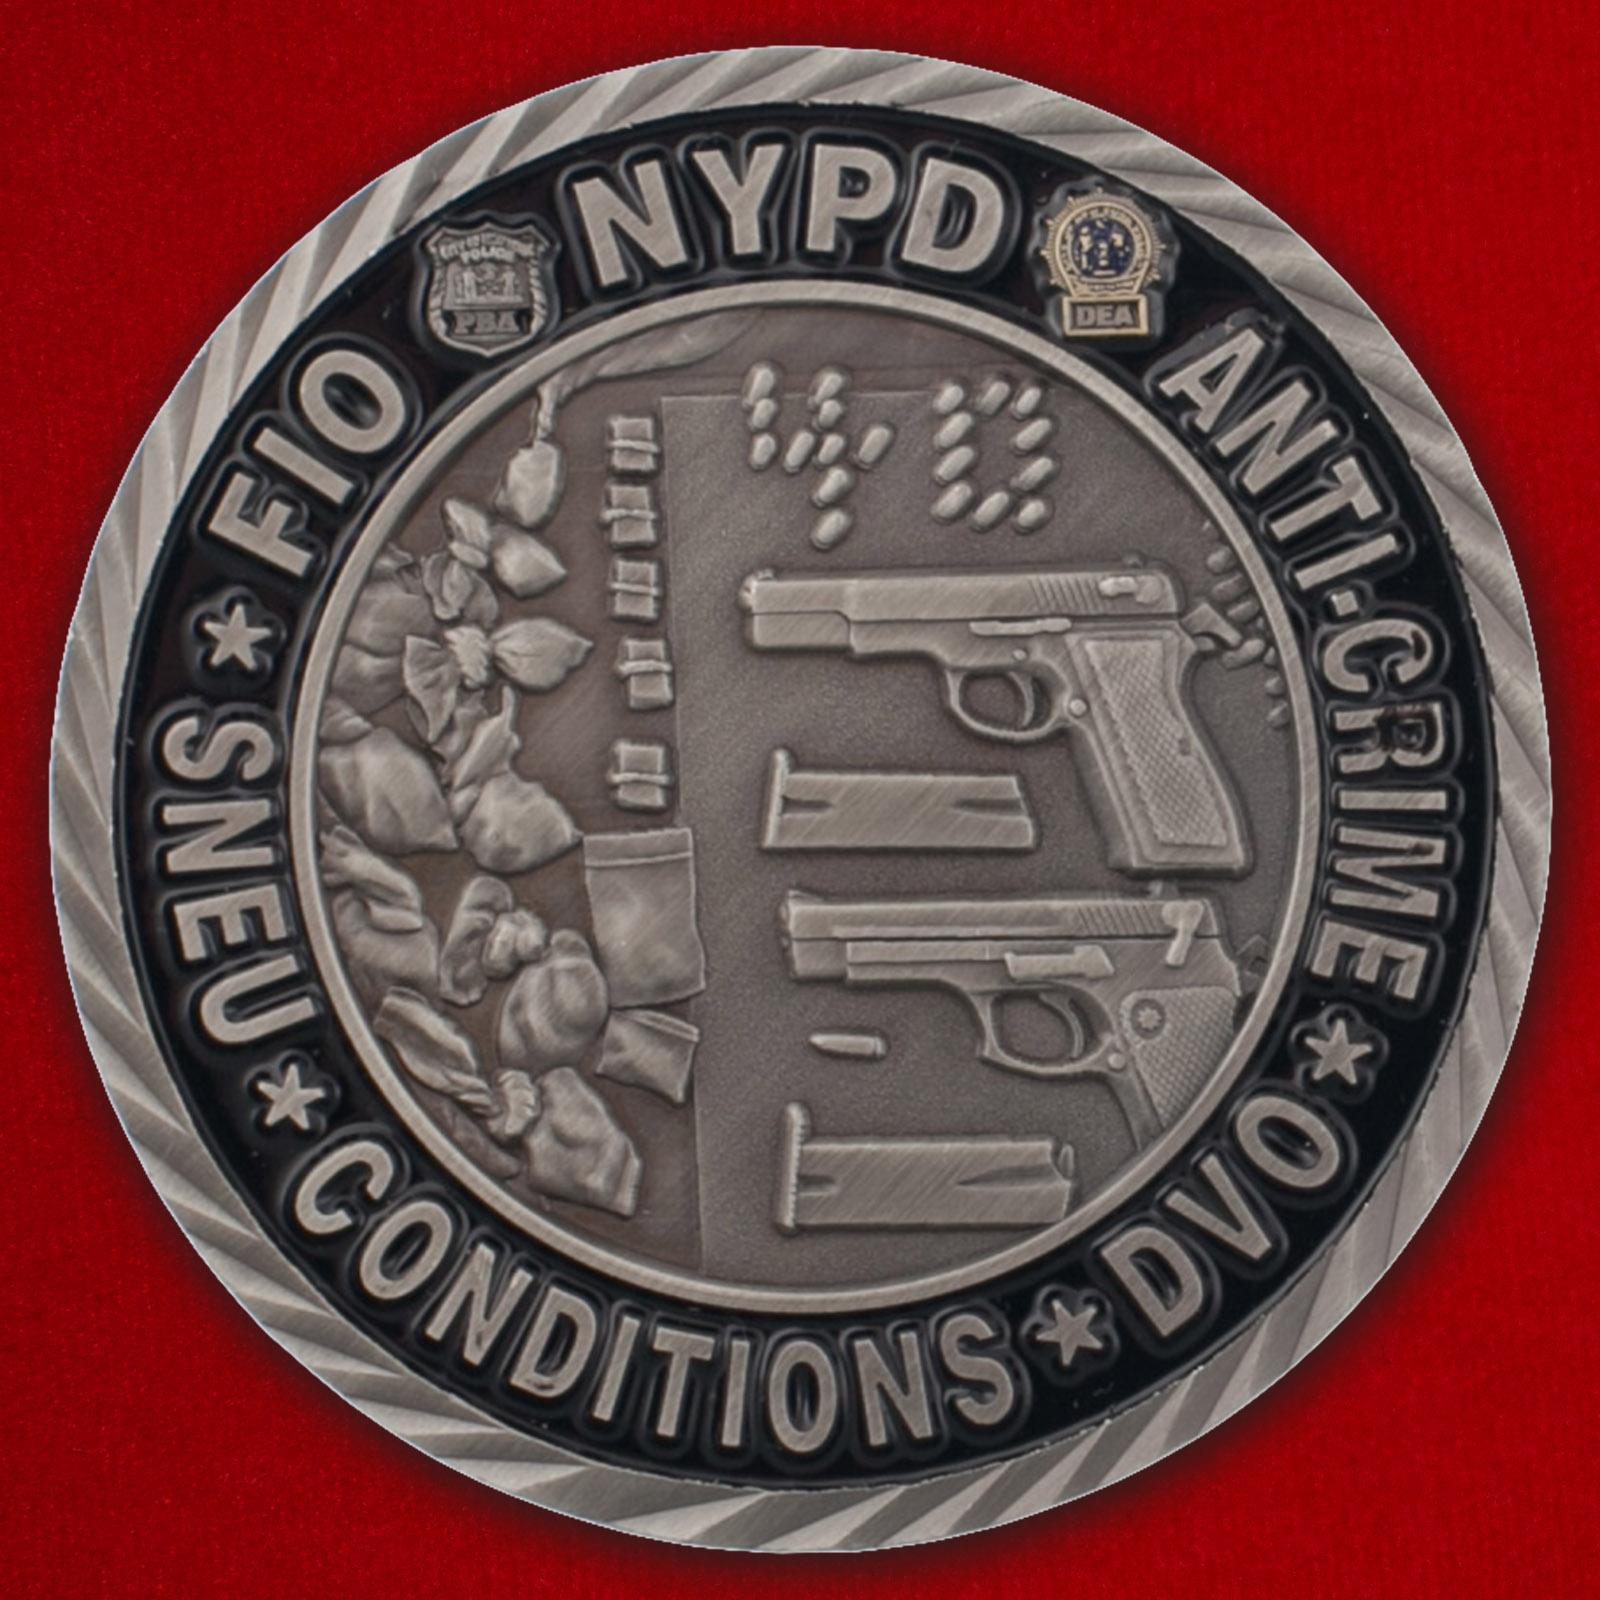 Челлендж коин сотрудников силовых структур Нью-Йорка